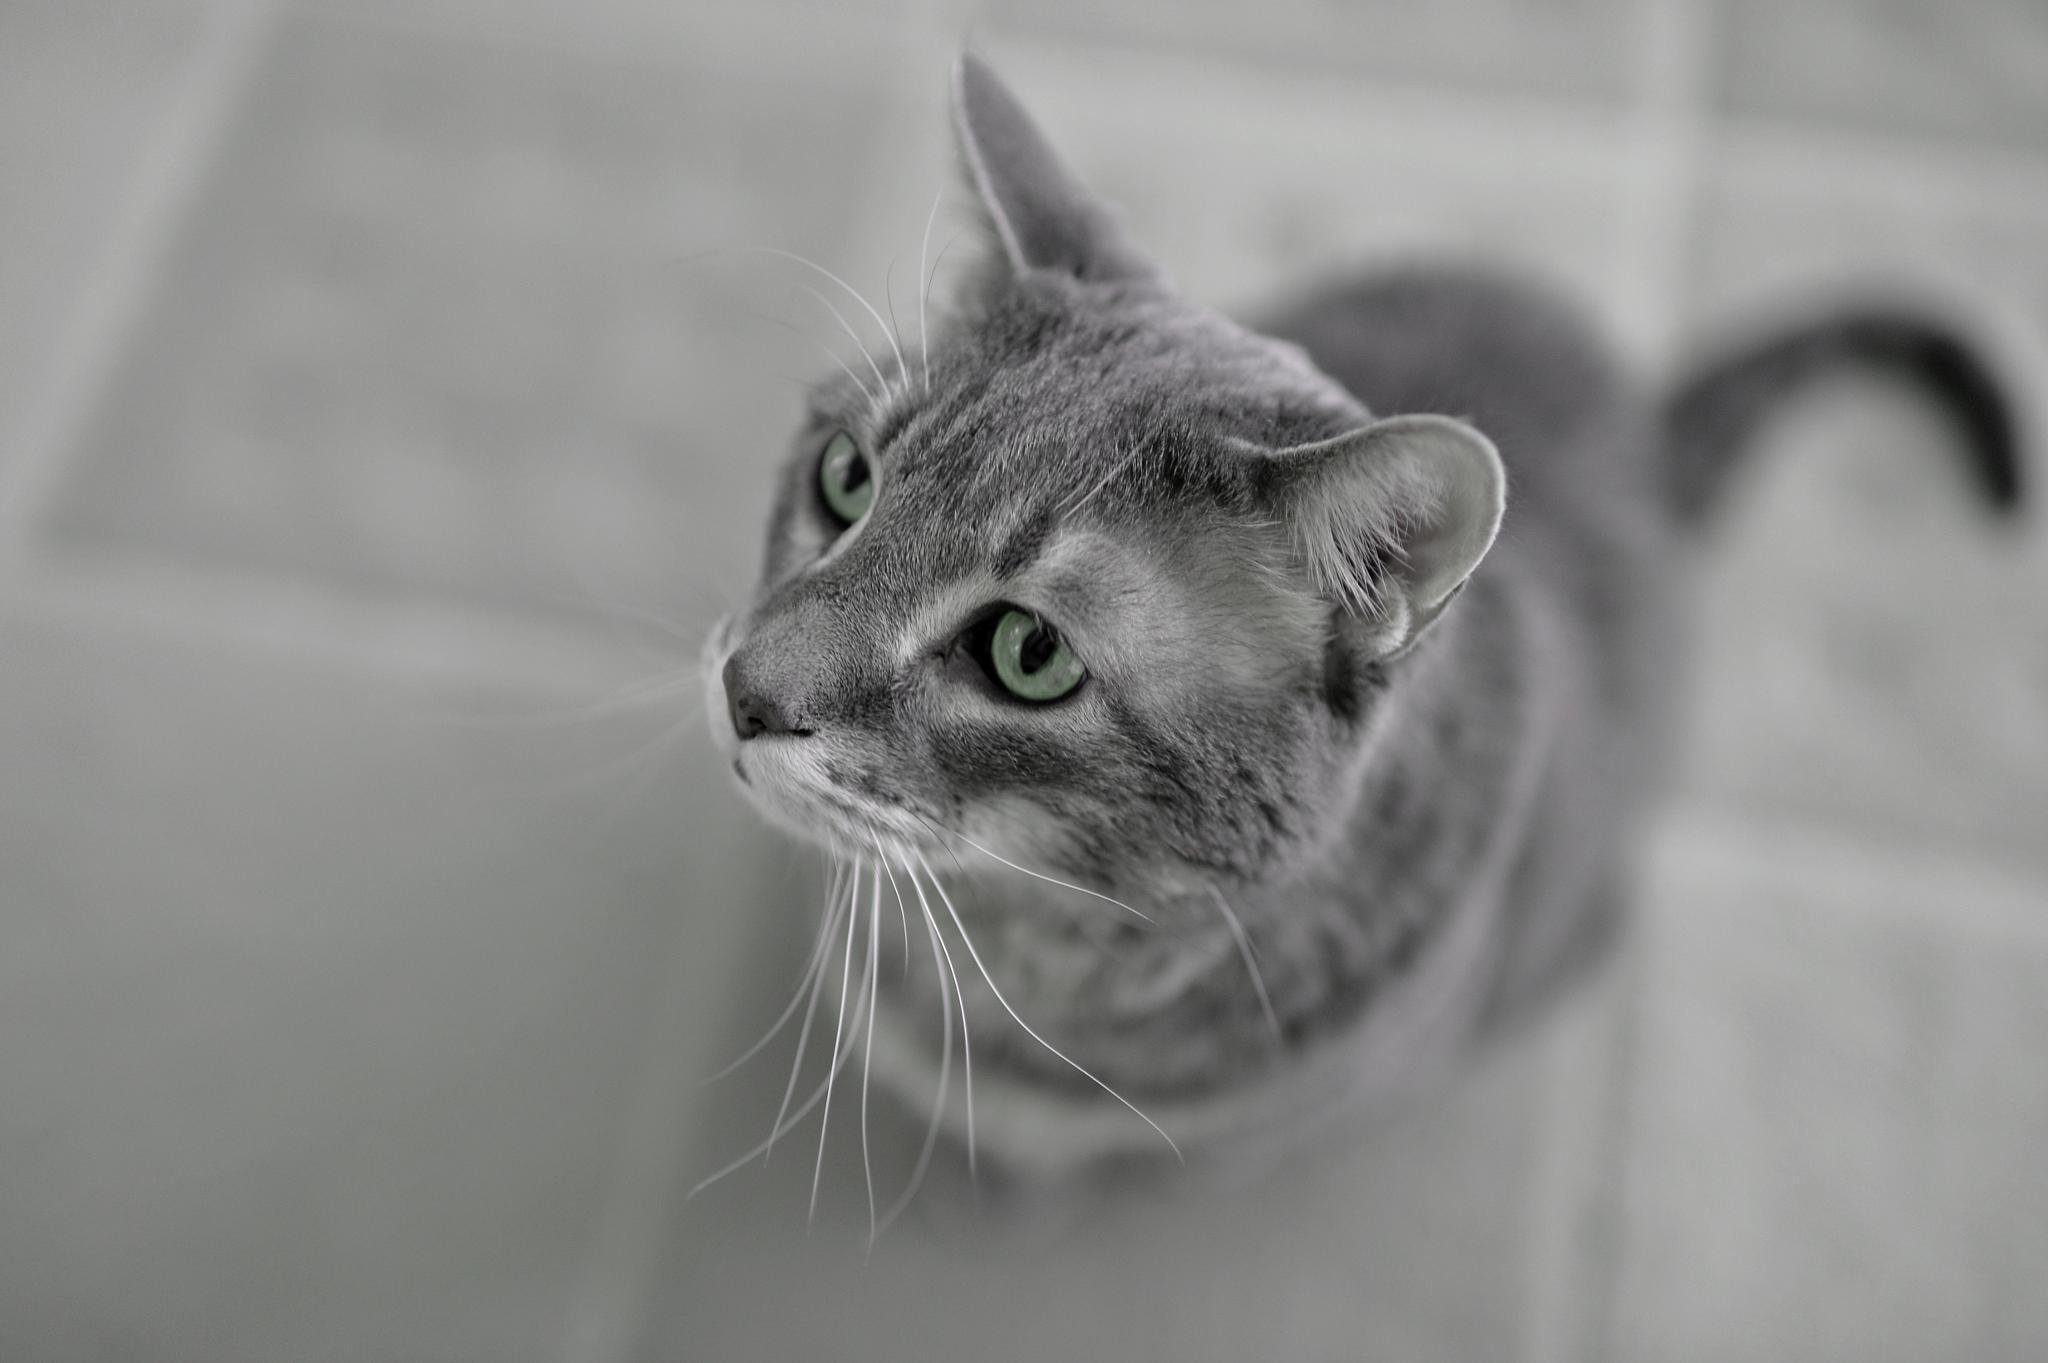 Cat by David Lam